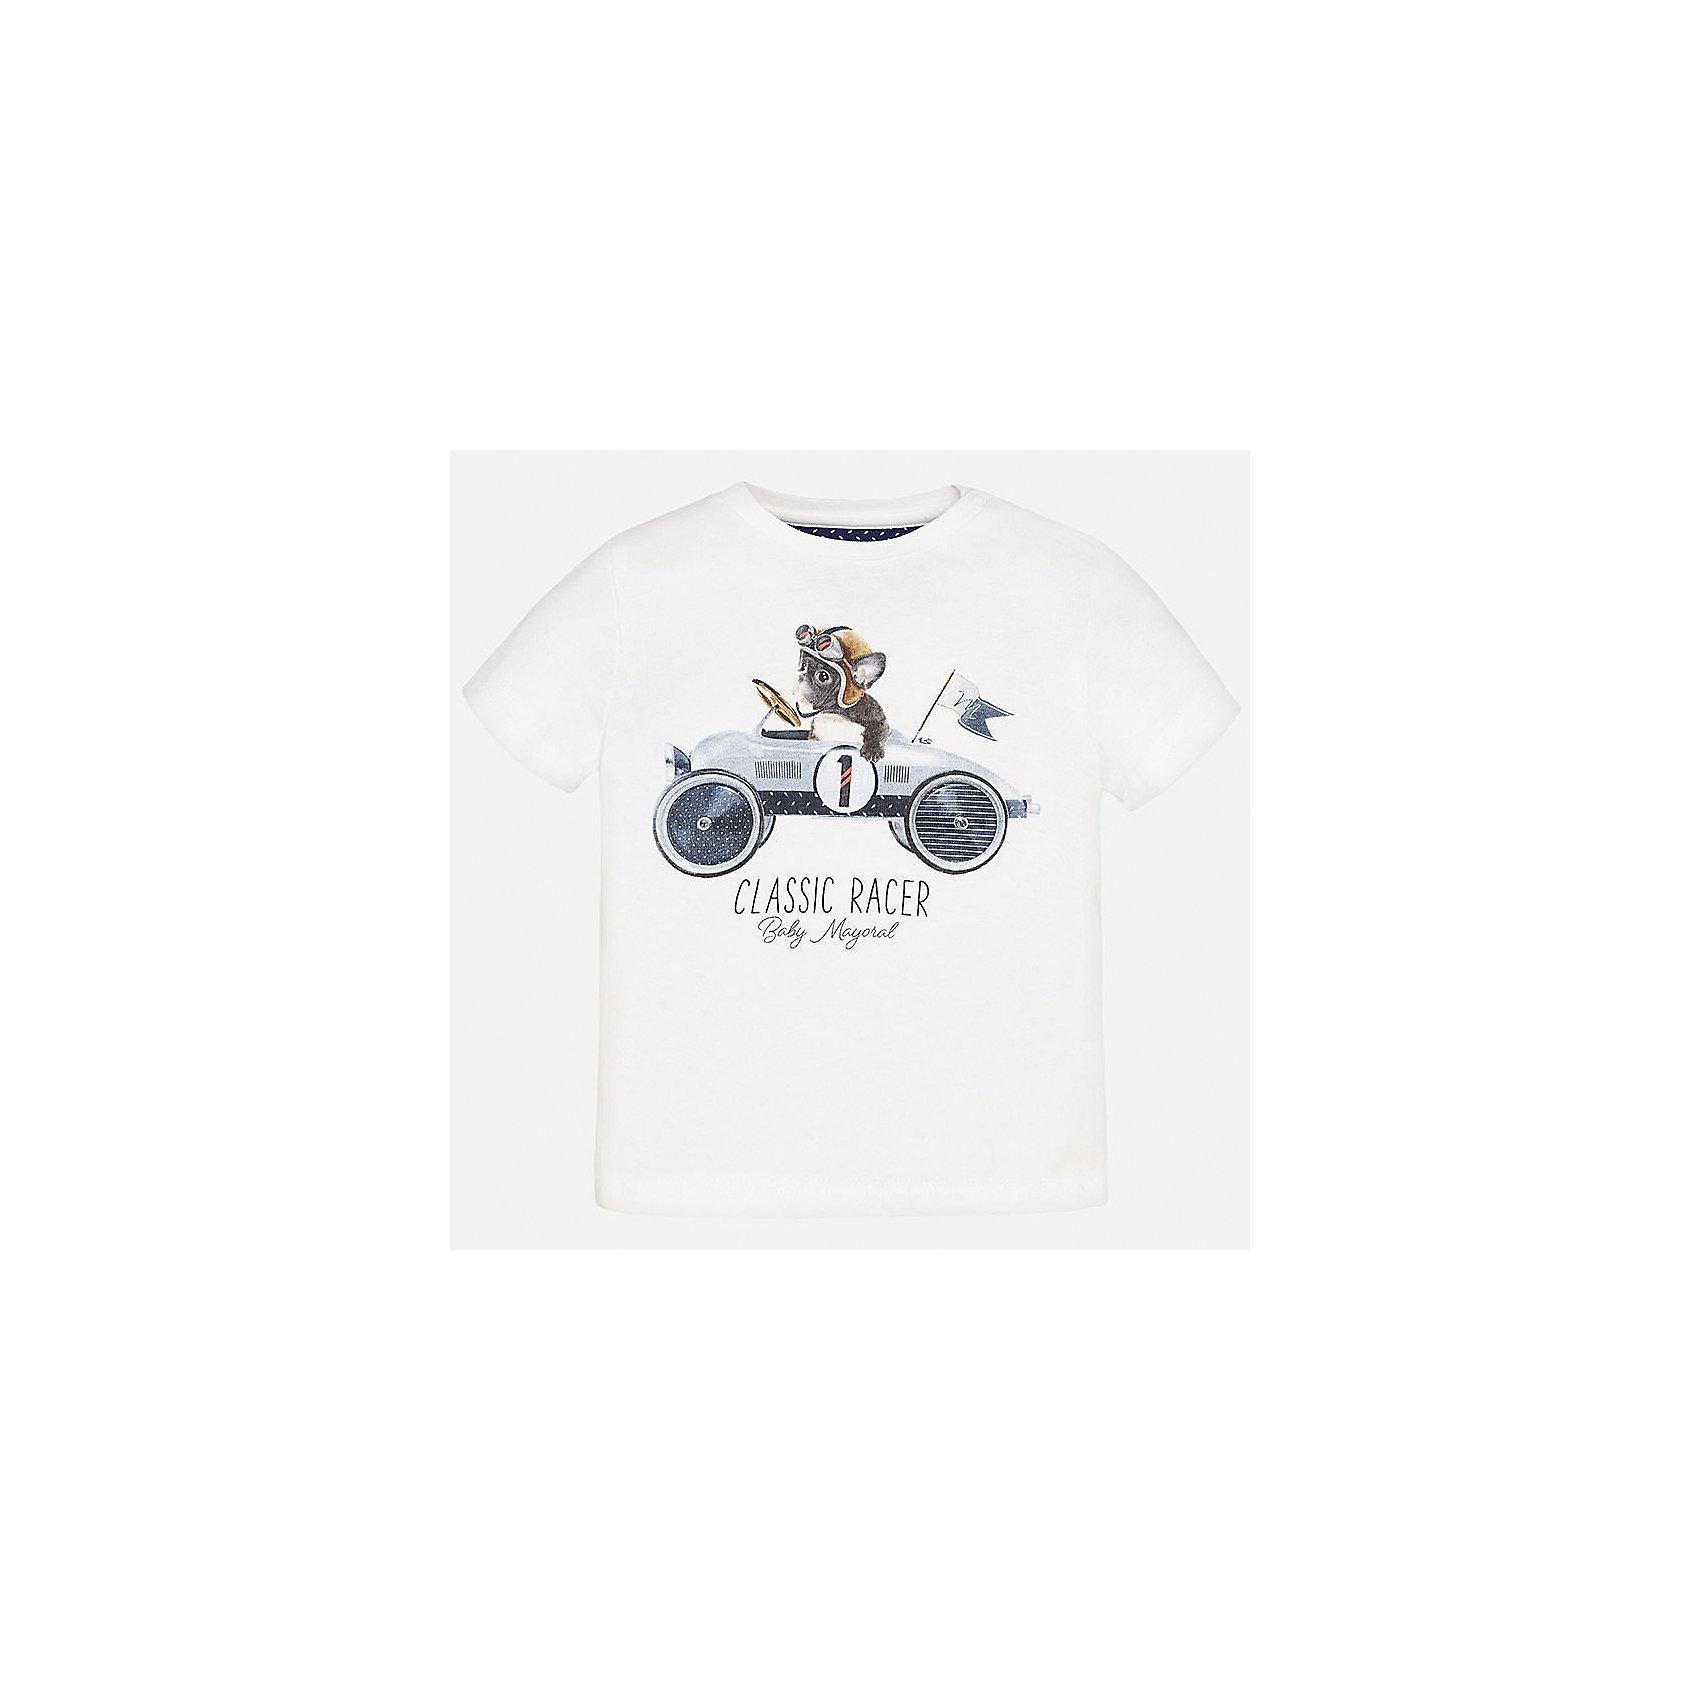 Футболка для мальчика MayoralФутболки, поло и топы<br>Характеристики товара:<br><br>• цвет: белый<br>• состав: 100% хлопок<br>• круглый горловой вырез<br>• декорирована принтом<br>• короткие рукава<br>• мягкая отделка горловины<br>• страна бренда: Испания<br><br>Стильная удобная футболка с принтом поможет разнообразить гардероб мальчика. Она отлично сочетается с брюками, шортами, джинсами. Универсальный крой и цвет позволяет подобрать к вещи низ разных расцветок. Практичное и стильное изделие! Хорошо смотрится и комфортно сидит на детях. В составе материала - натуральный хлопок, гипоаллергенный, приятный на ощупь, дышащий. <br><br>Одежда, обувь и аксессуары от испанского бренда Mayoral полюбились детям и взрослым по всему миру. Модели этой марки - стильные и удобные. Для их производства используются только безопасные, качественные материалы и фурнитура. Порадуйте ребенка модными и красивыми вещами от Mayoral! <br><br>Футболку для мальчика от испанского бренда Mayoral (Майорал) можно купить в нашем интернет-магазине.<br><br>Ширина мм: 199<br>Глубина мм: 10<br>Высота мм: 161<br>Вес г: 151<br>Цвет: белый<br>Возраст от месяцев: 12<br>Возраст до месяцев: 15<br>Пол: Мужской<br>Возраст: Детский<br>Размер: 80,74,92,86<br>SKU: 5278377